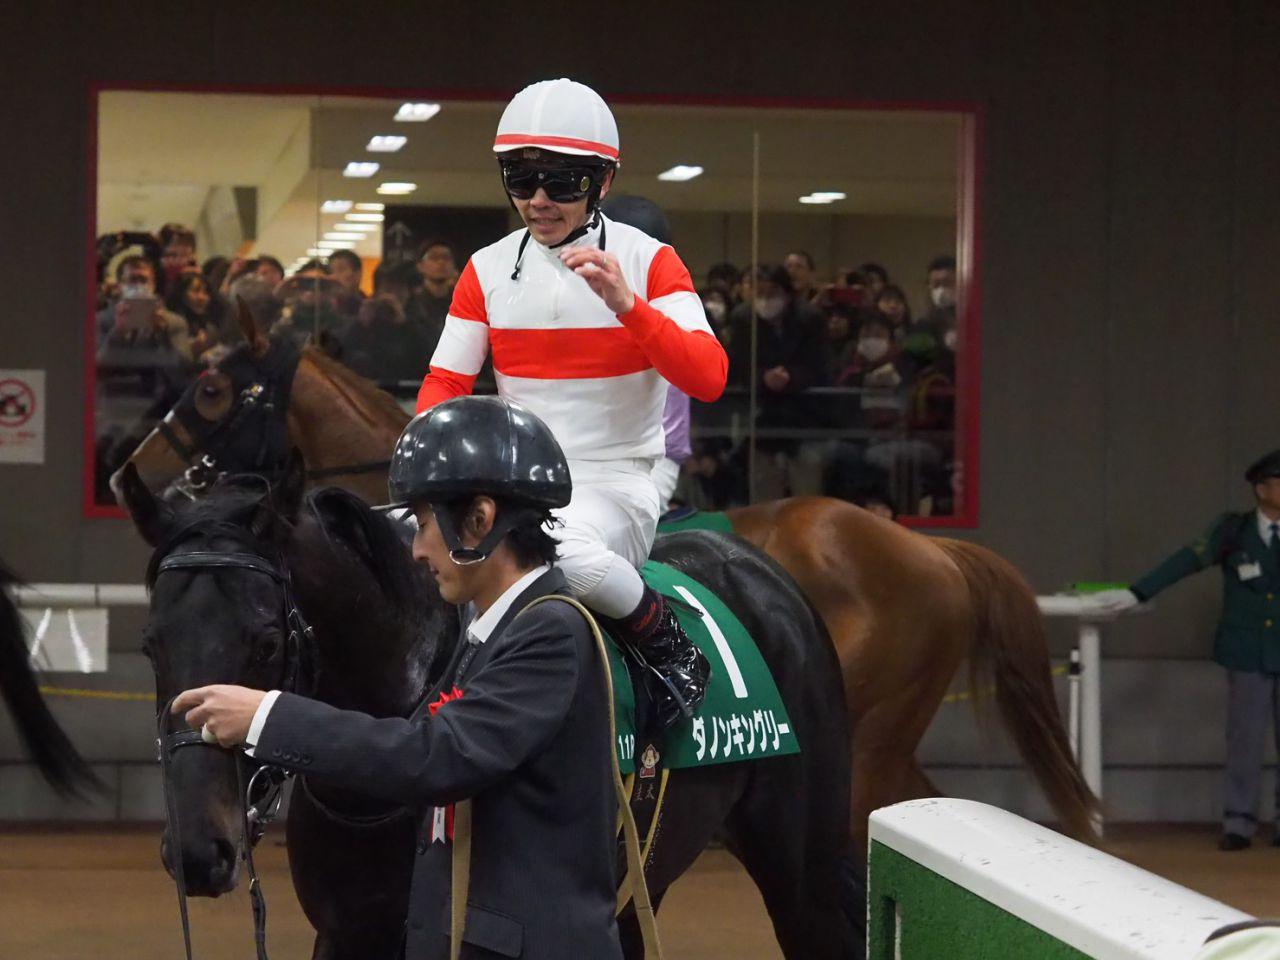 山田敬士騎手、「距離錯誤」からの復帰後初勝利